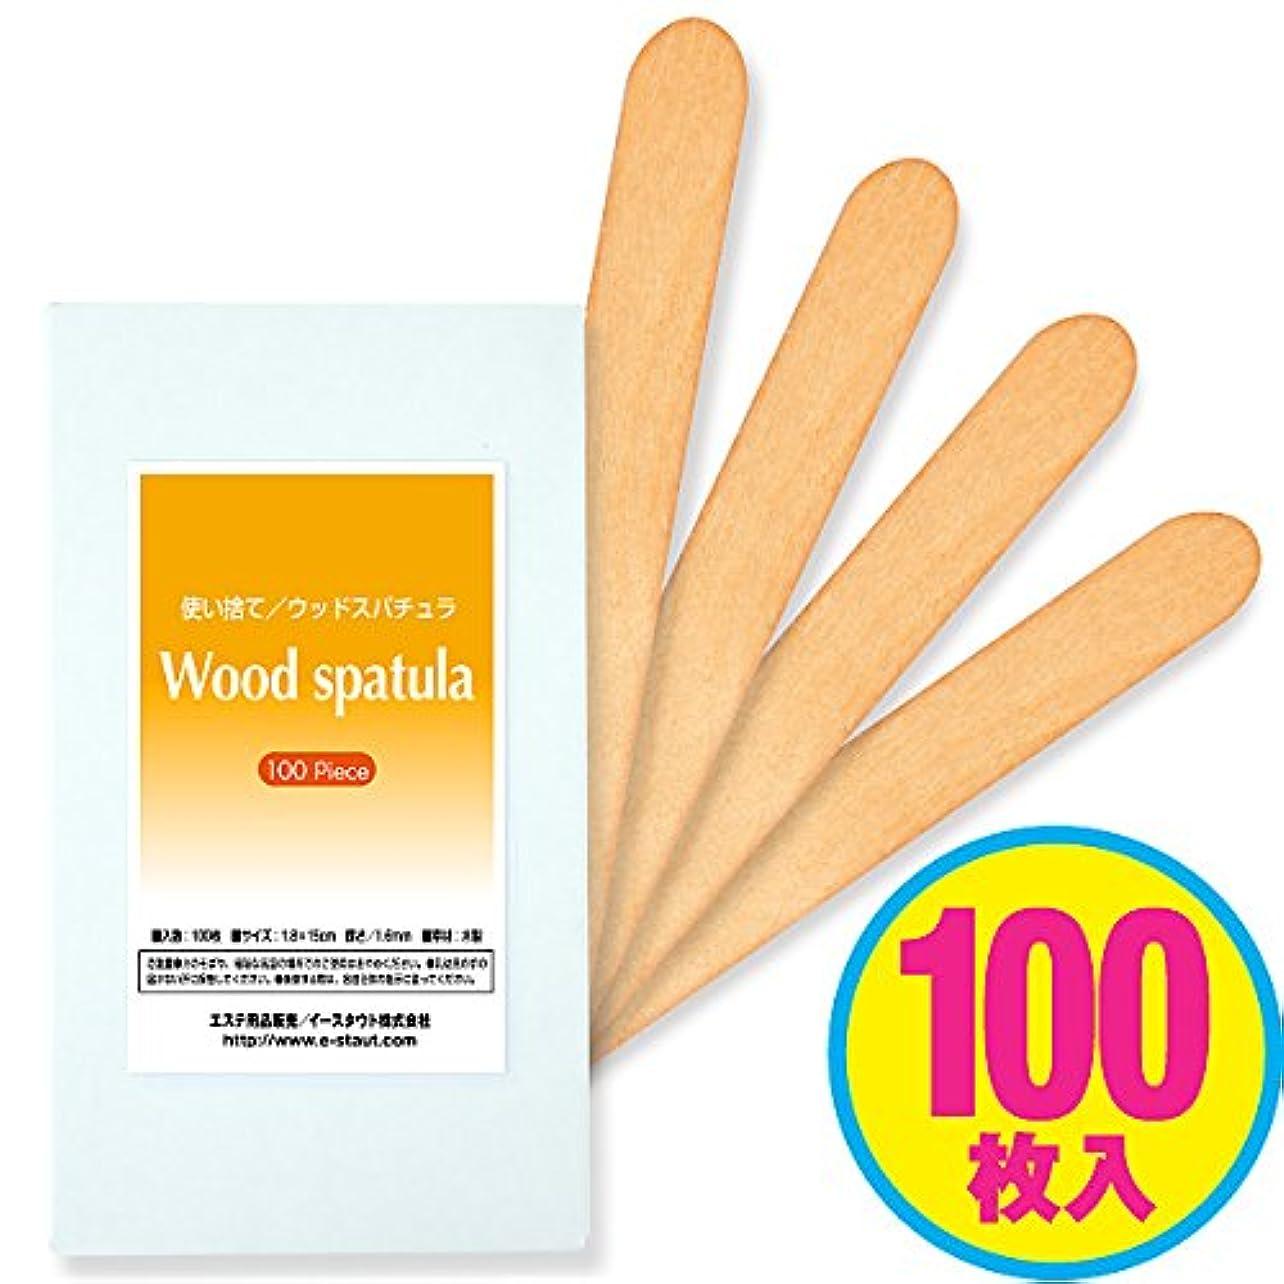 まっすぐ補う風が強い使い捨て【木ベラ/ウッドスパチュラ】(業務用100枚入り)/WAX脱毛等や舌厚子にも